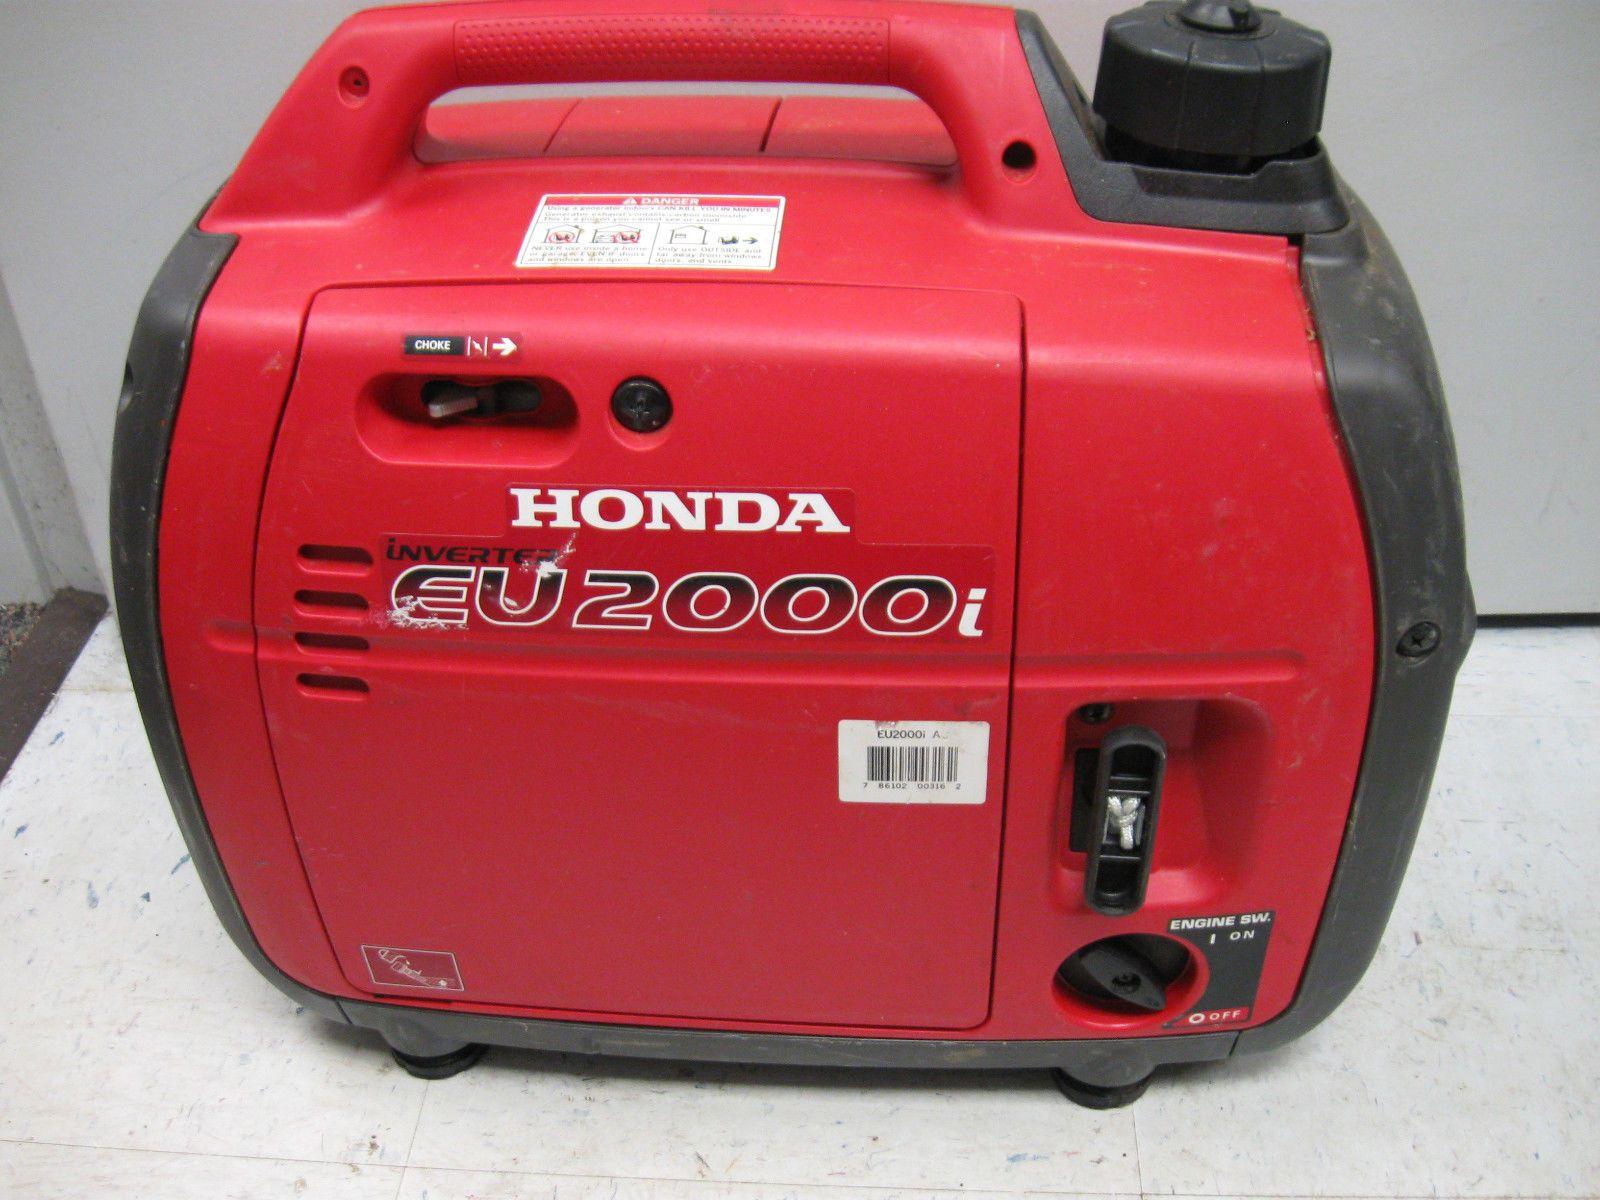 HONDA EU2000i GAS POWERED GENERATOR INVERTER ULTRA QUIET 2000 WATT